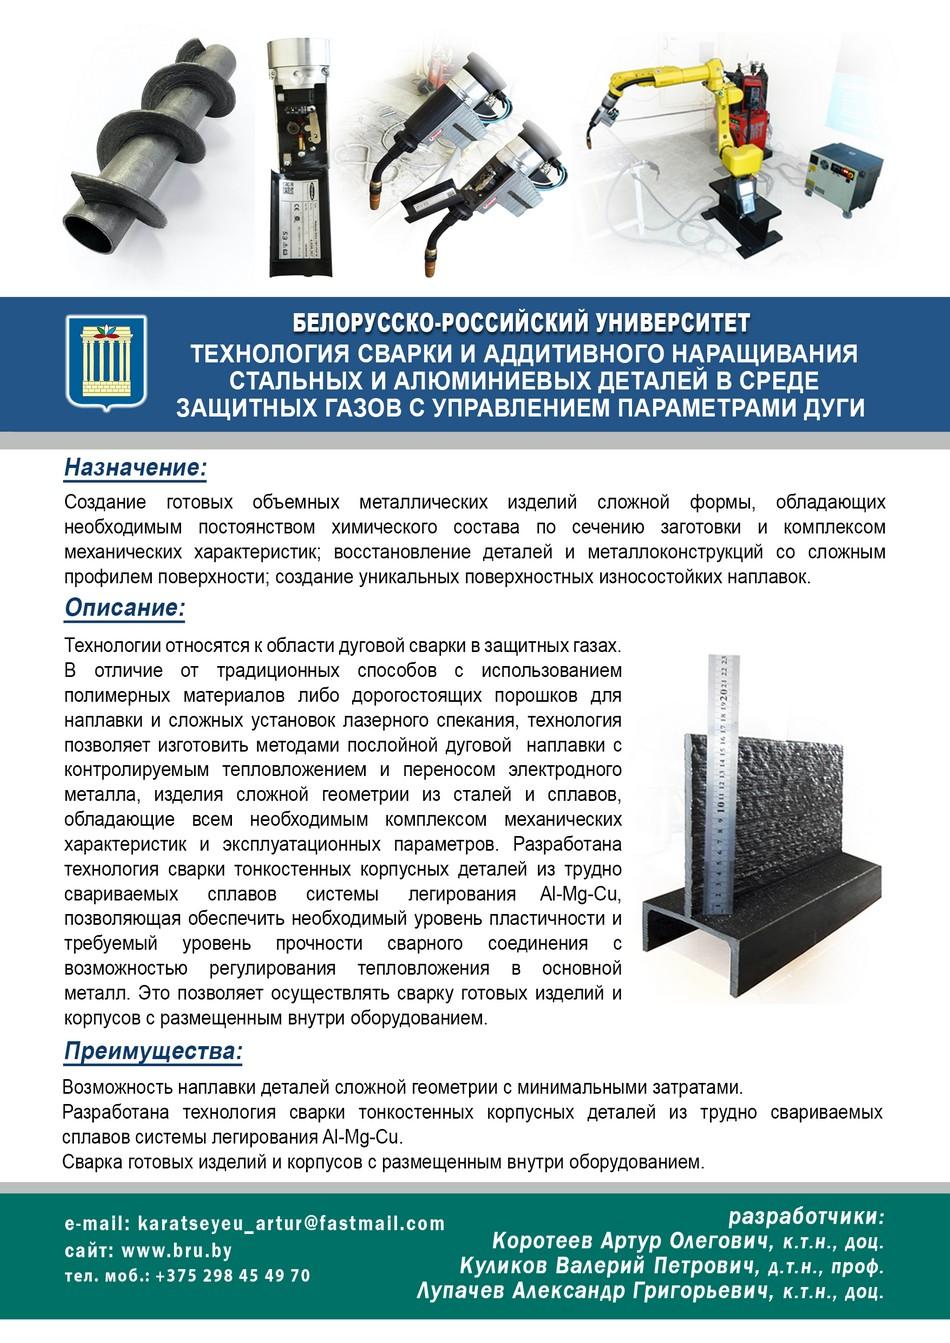 Технология сварки и аддитивного наращивания стальных и альминиевых деталей